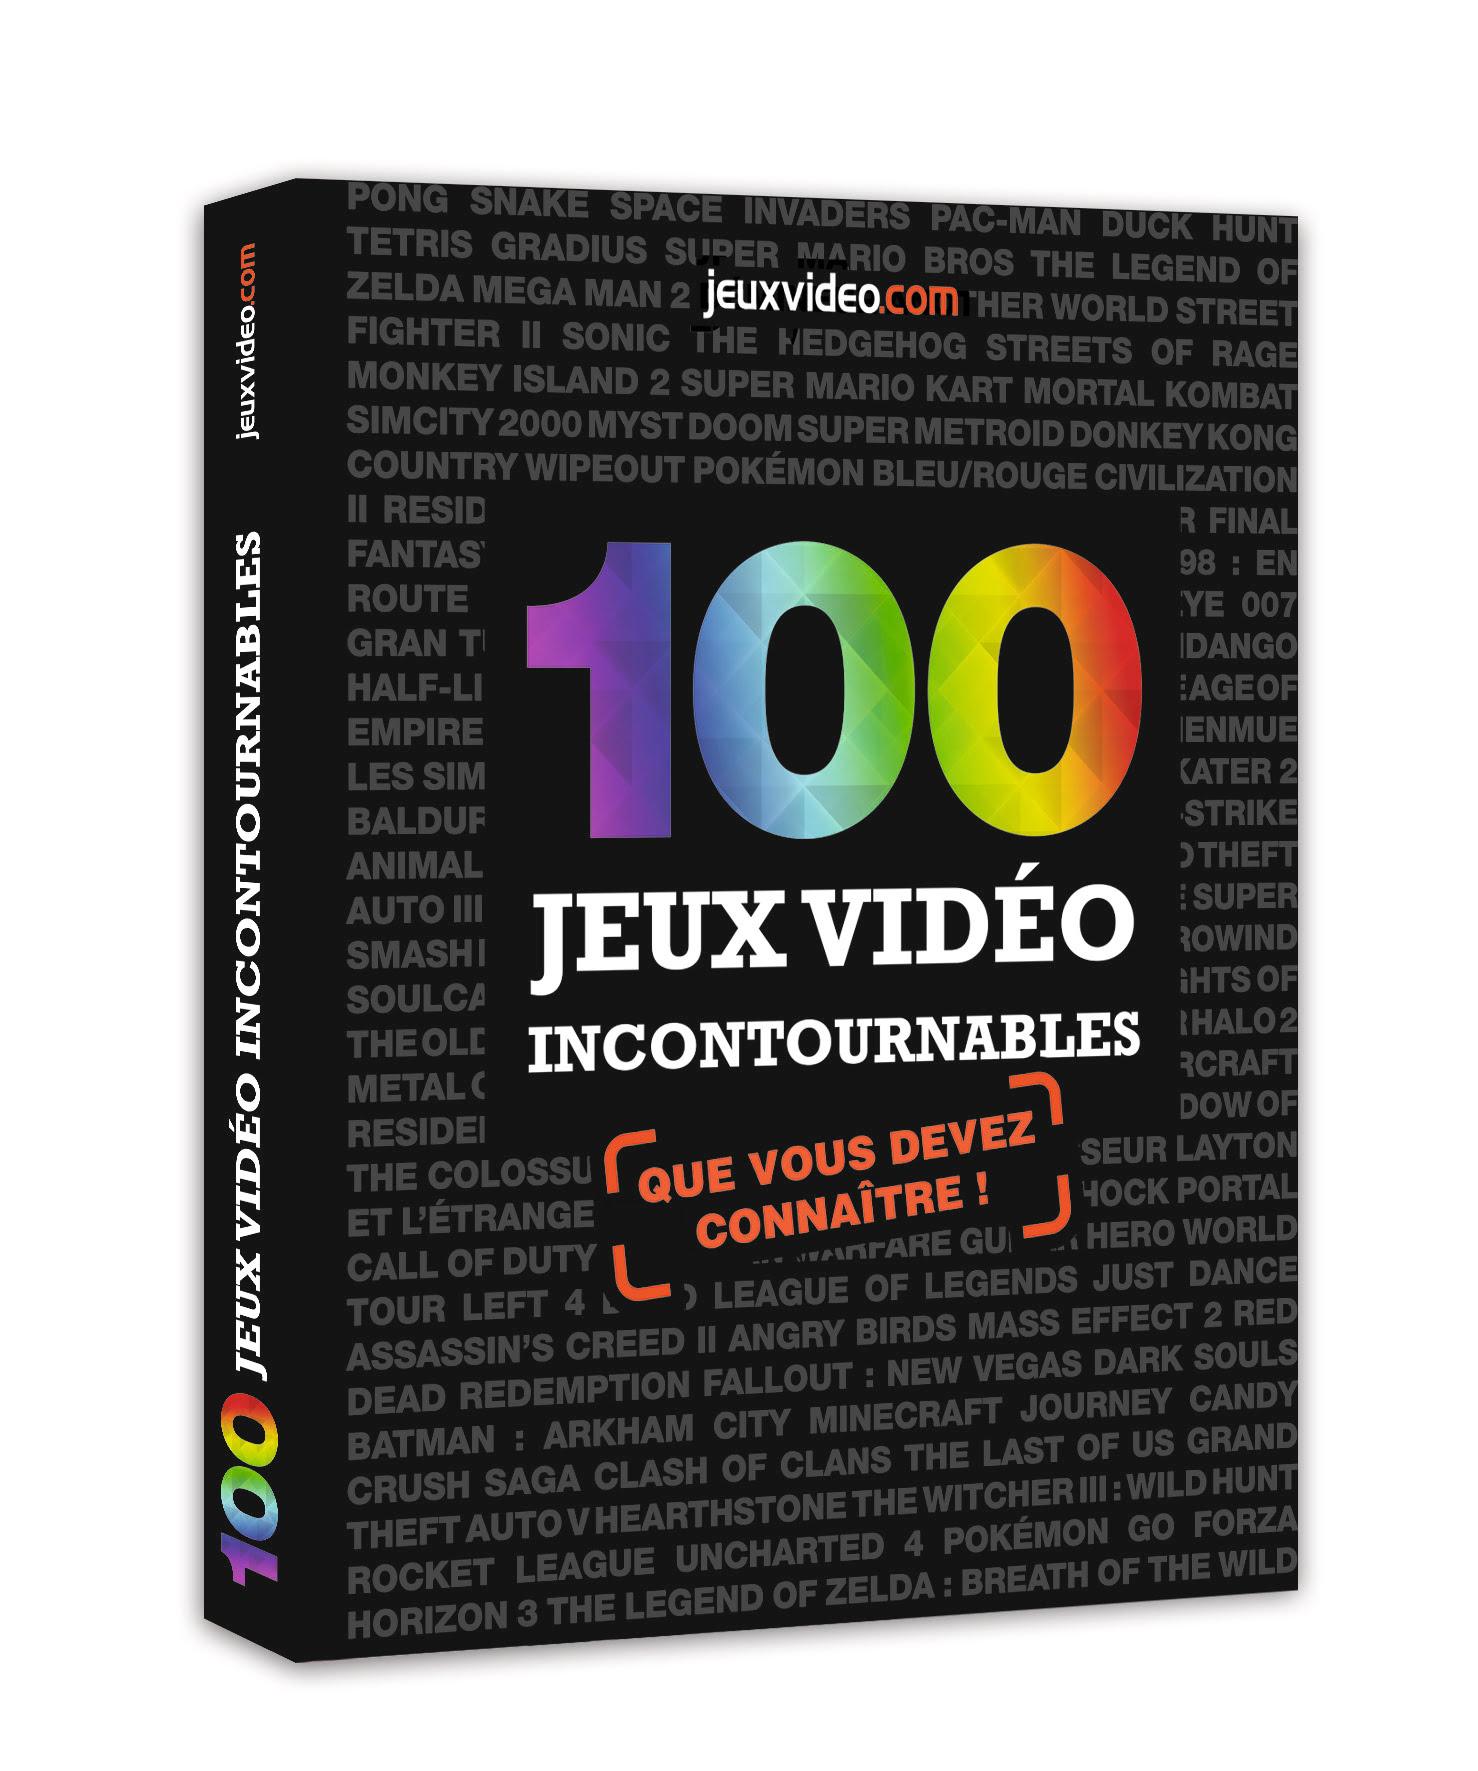 """100-jeux-video-incontournables #Concours : 1 livre """"100 jeux vidéo incontournables"""" à gagner !"""